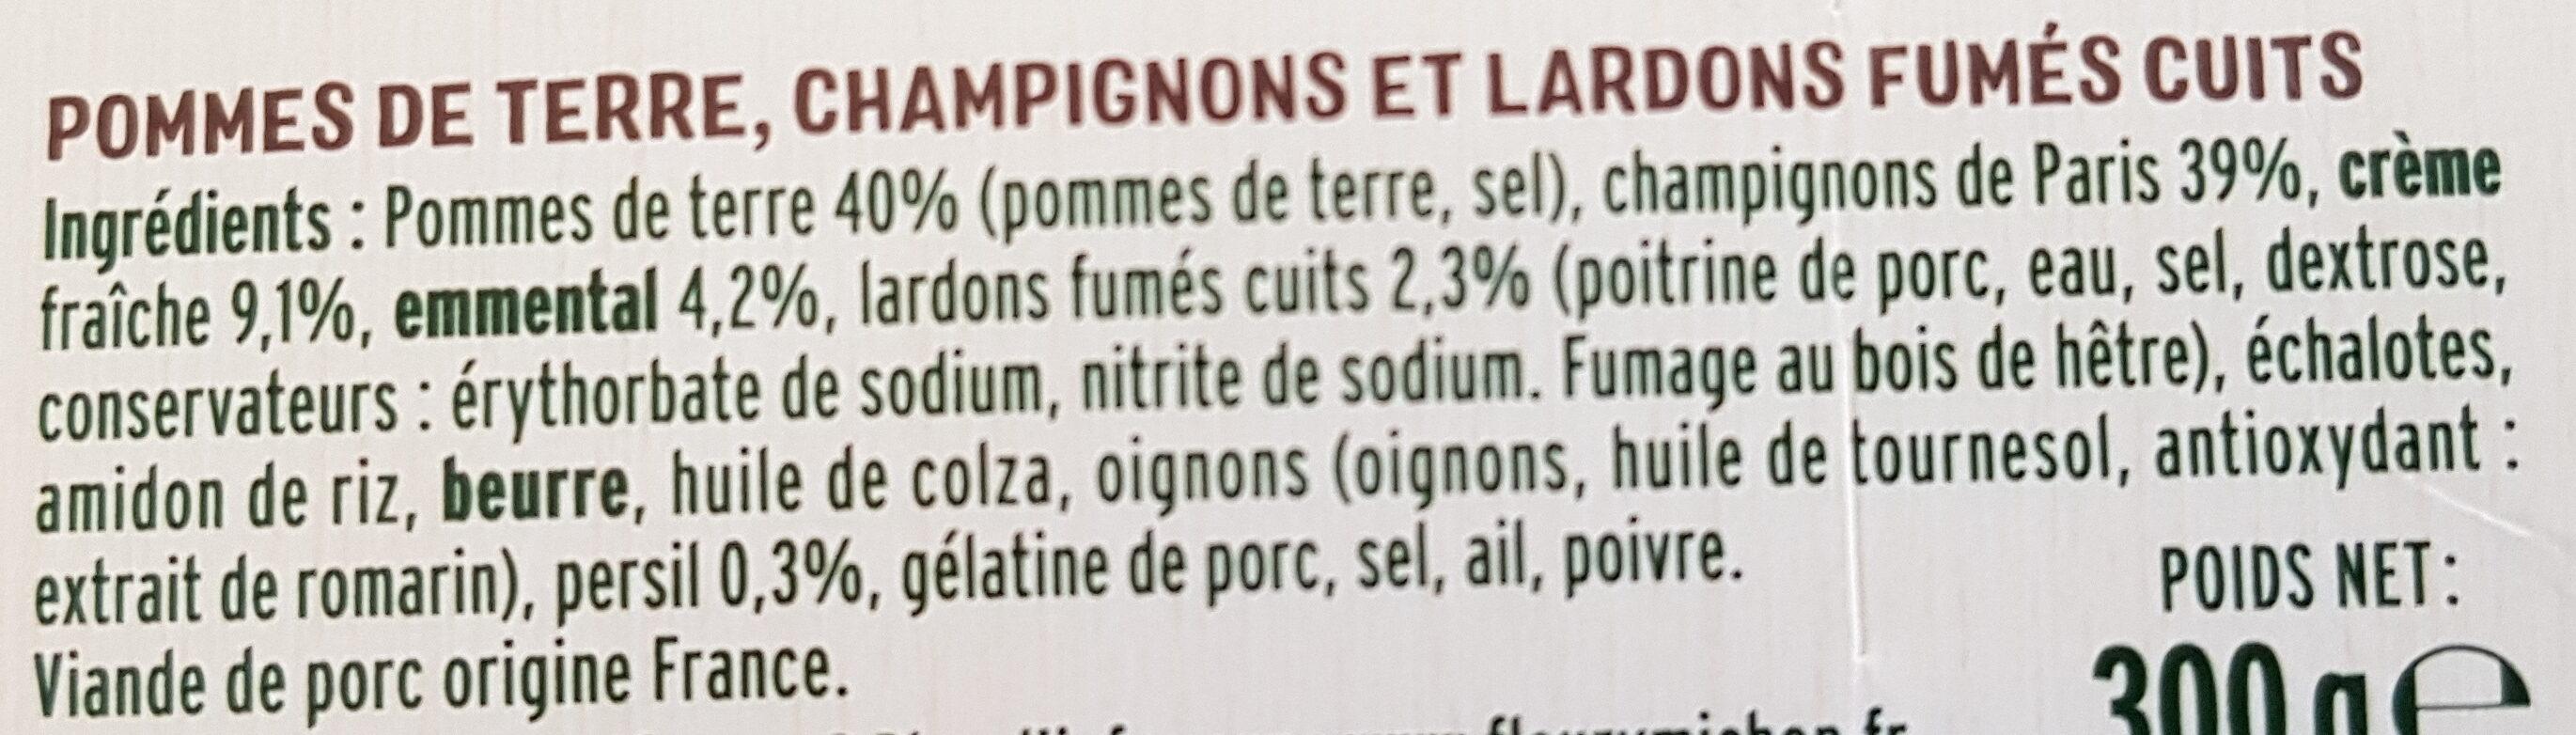 Pommes de terre gratinées aux lardons et champignons - Ingrediënten - fr